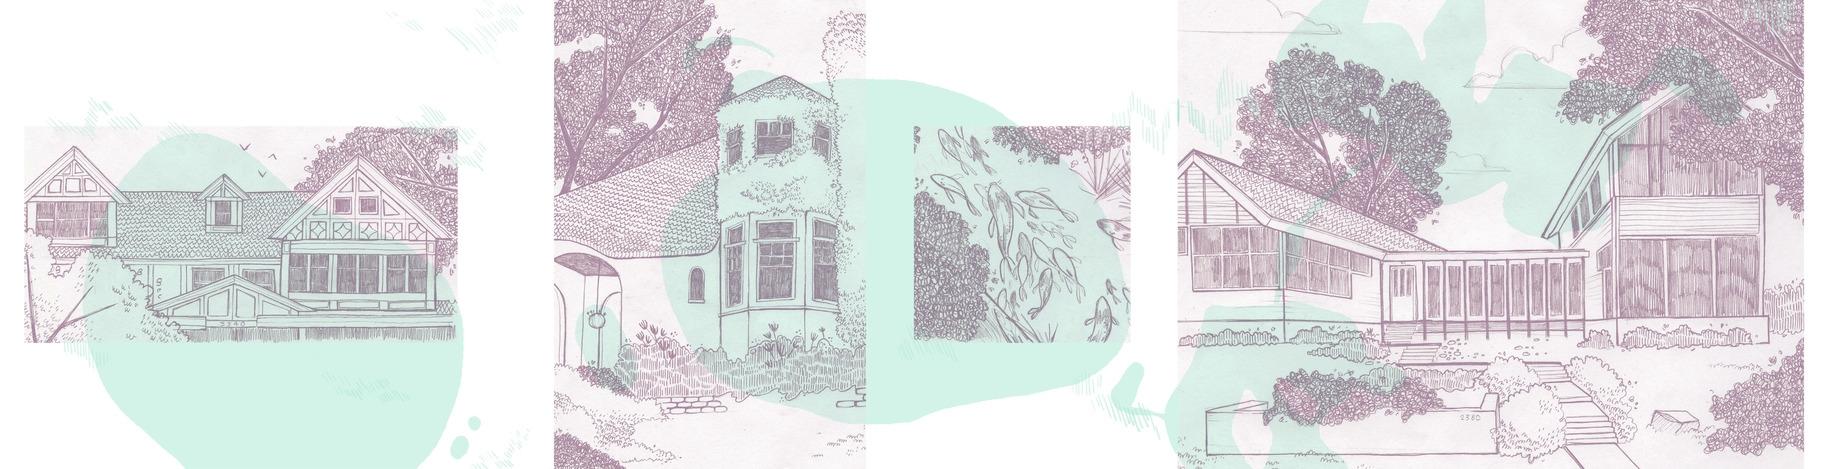 LAKE HOUSE   Studies of famous homes around the Minneapolis lakes